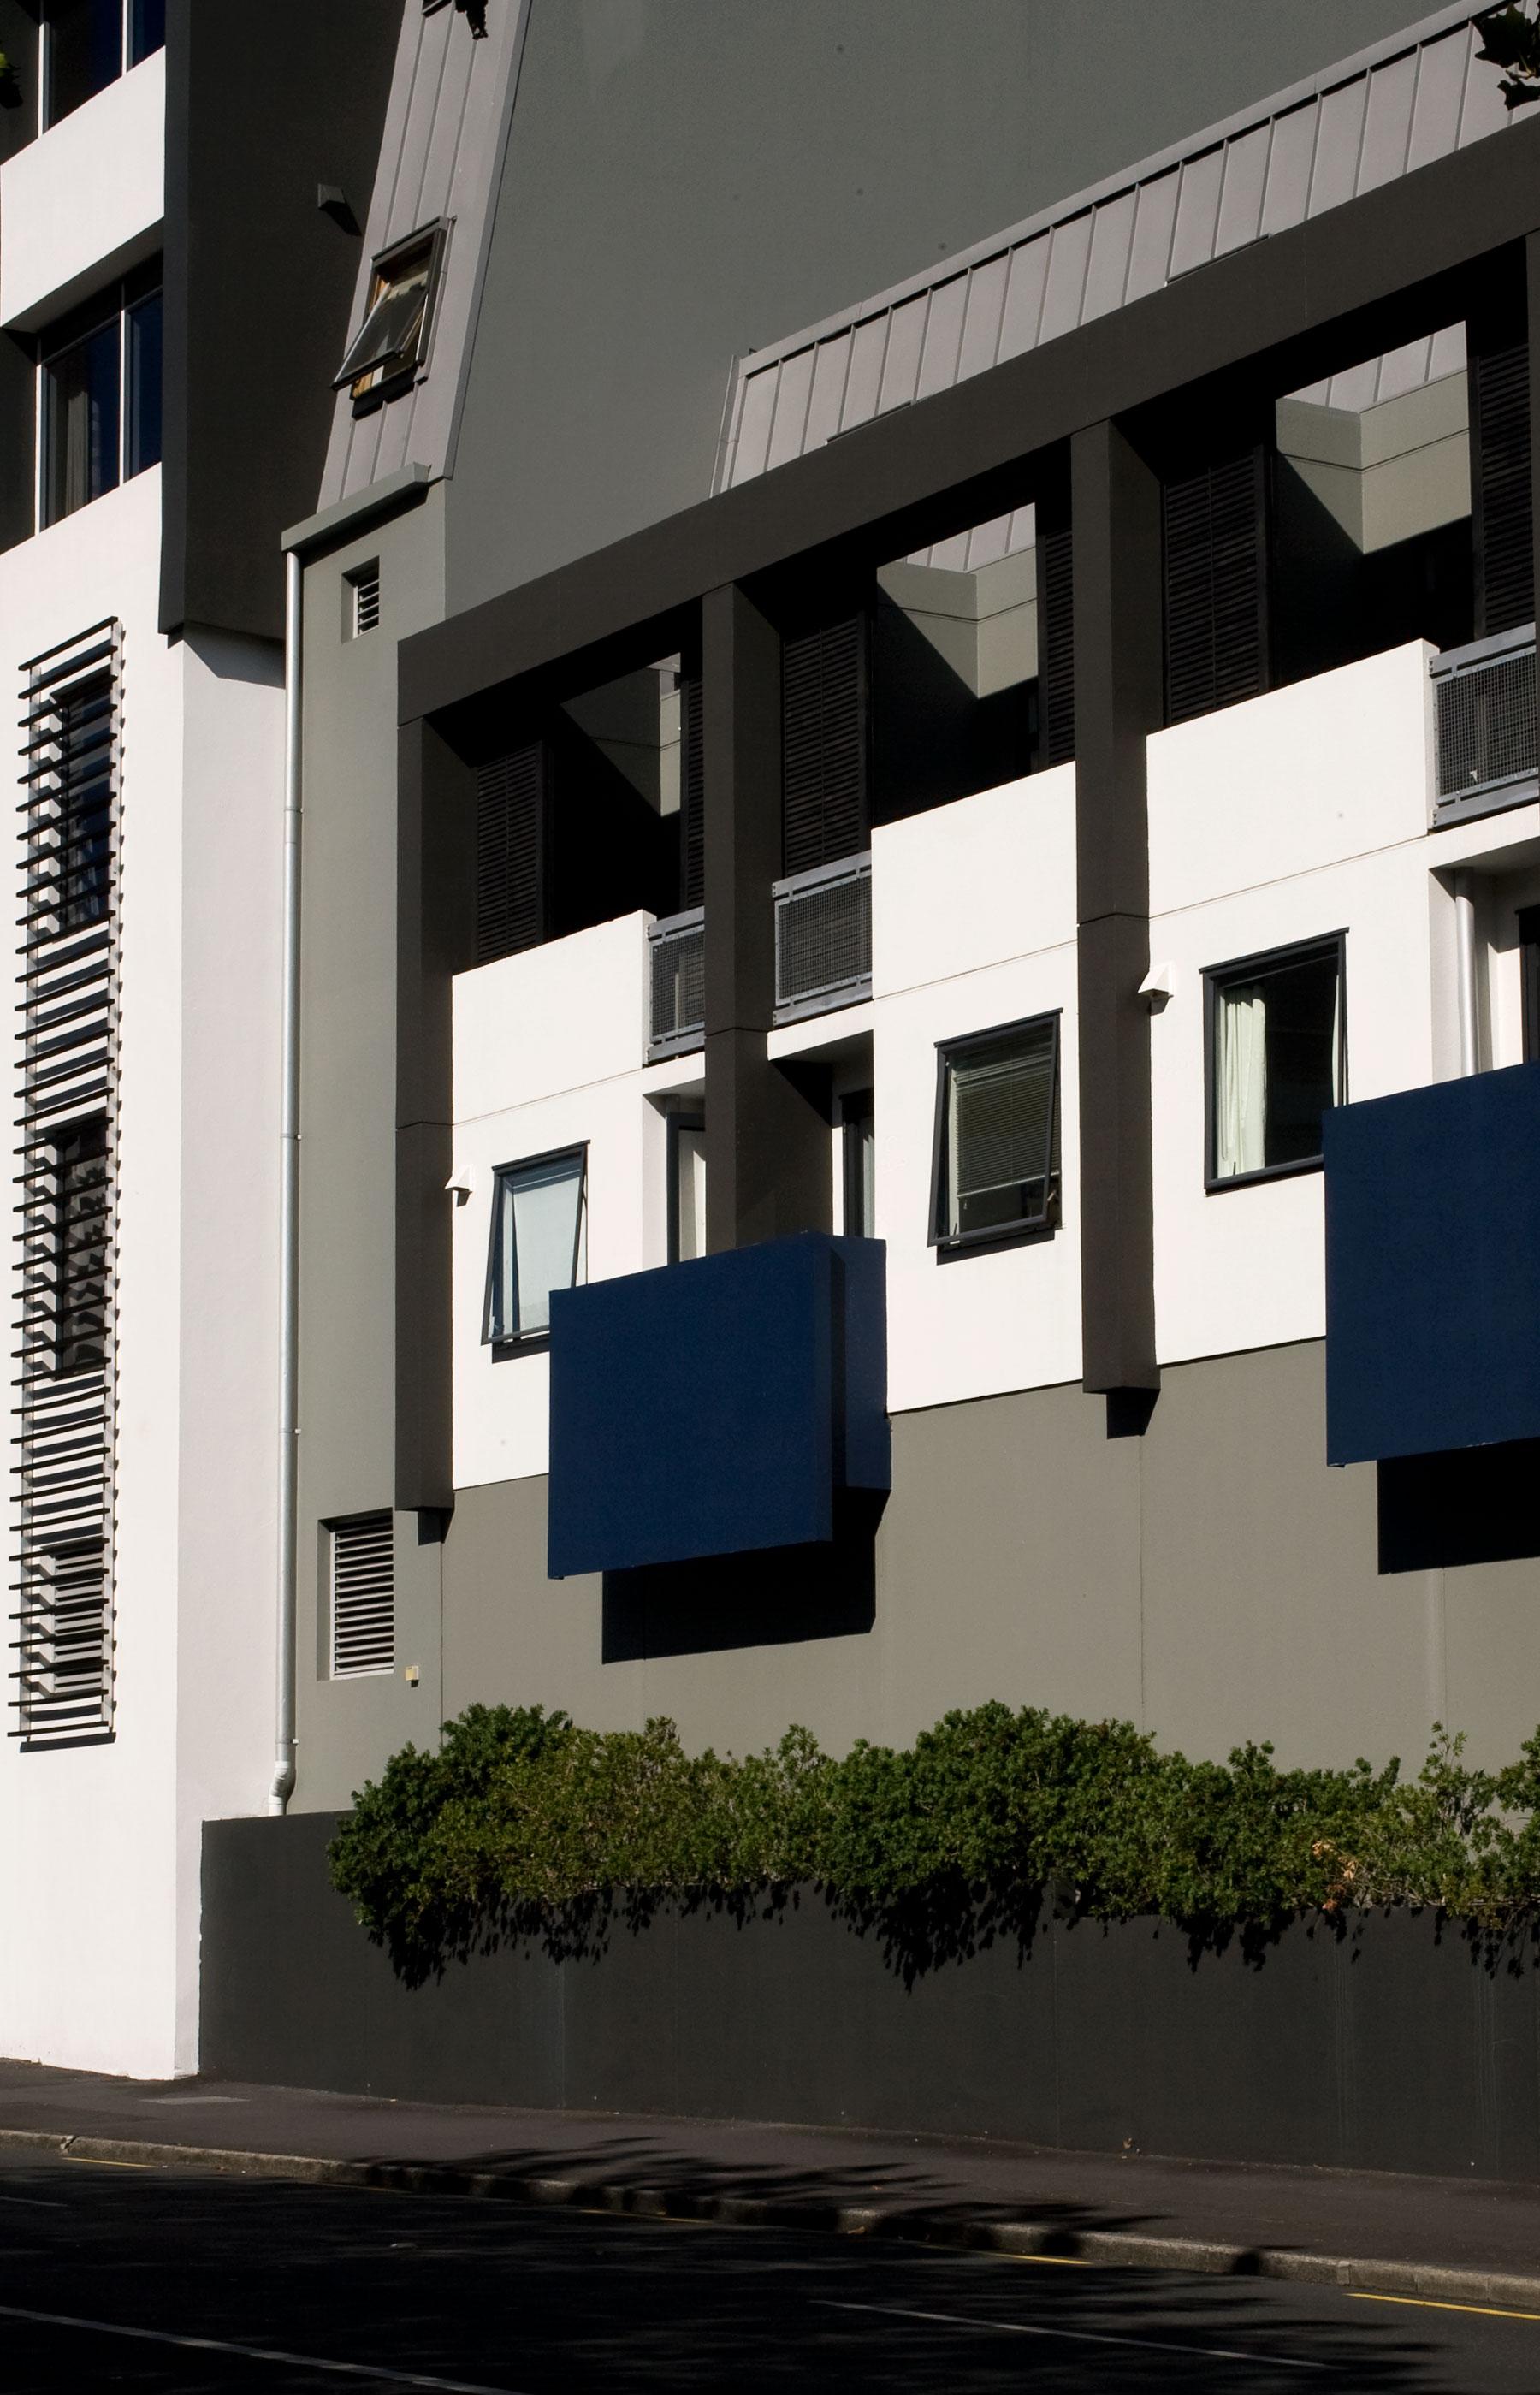 H Leuschke Kahn Architects_Hopetoun, LKA B_17__L_0156.jpg